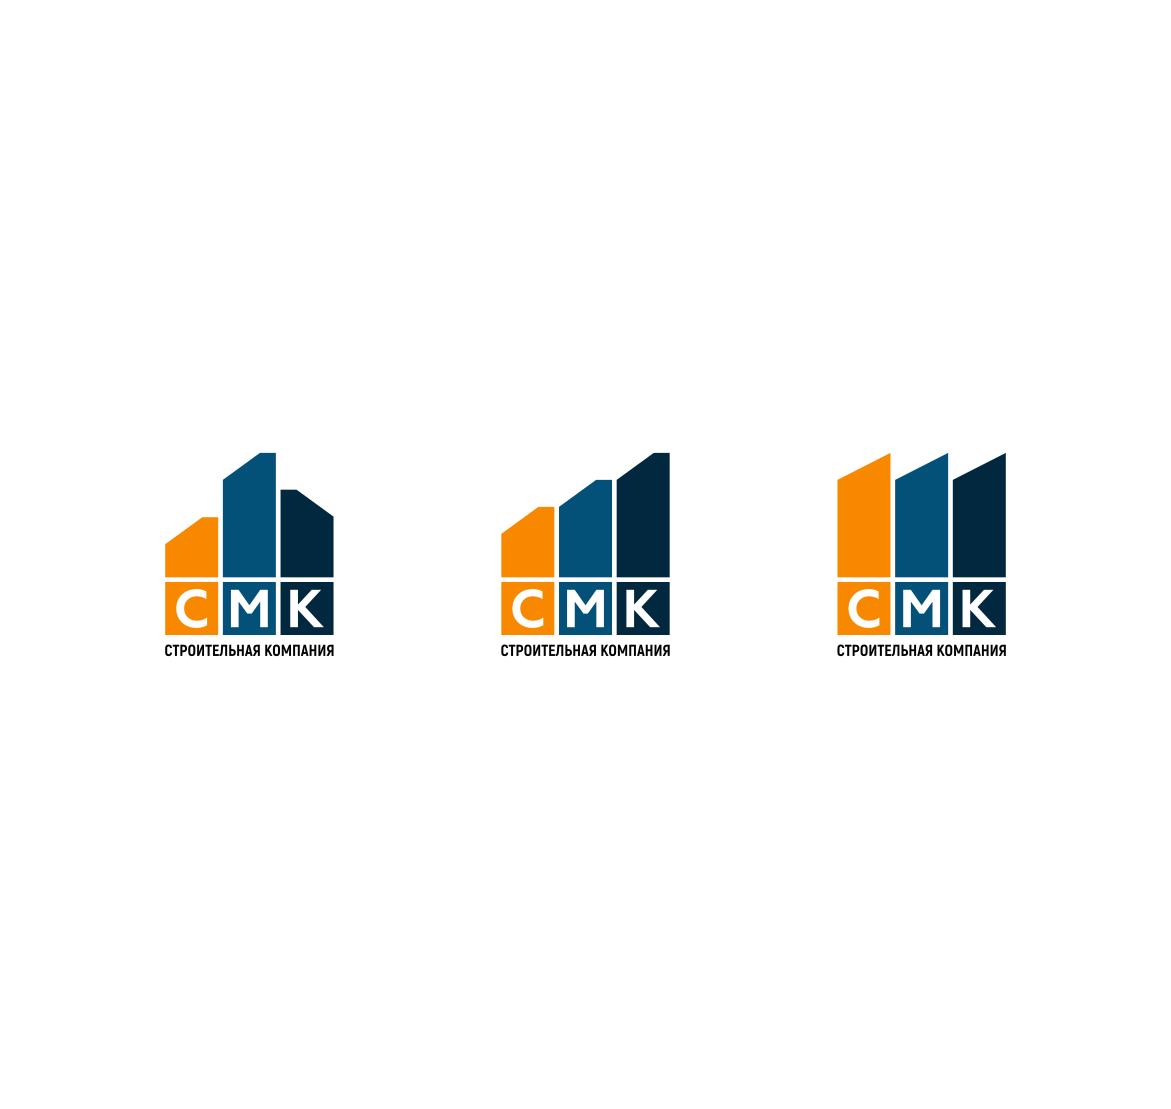 Разработка логотипа компании фото f_3275ddf8e681ac17.png